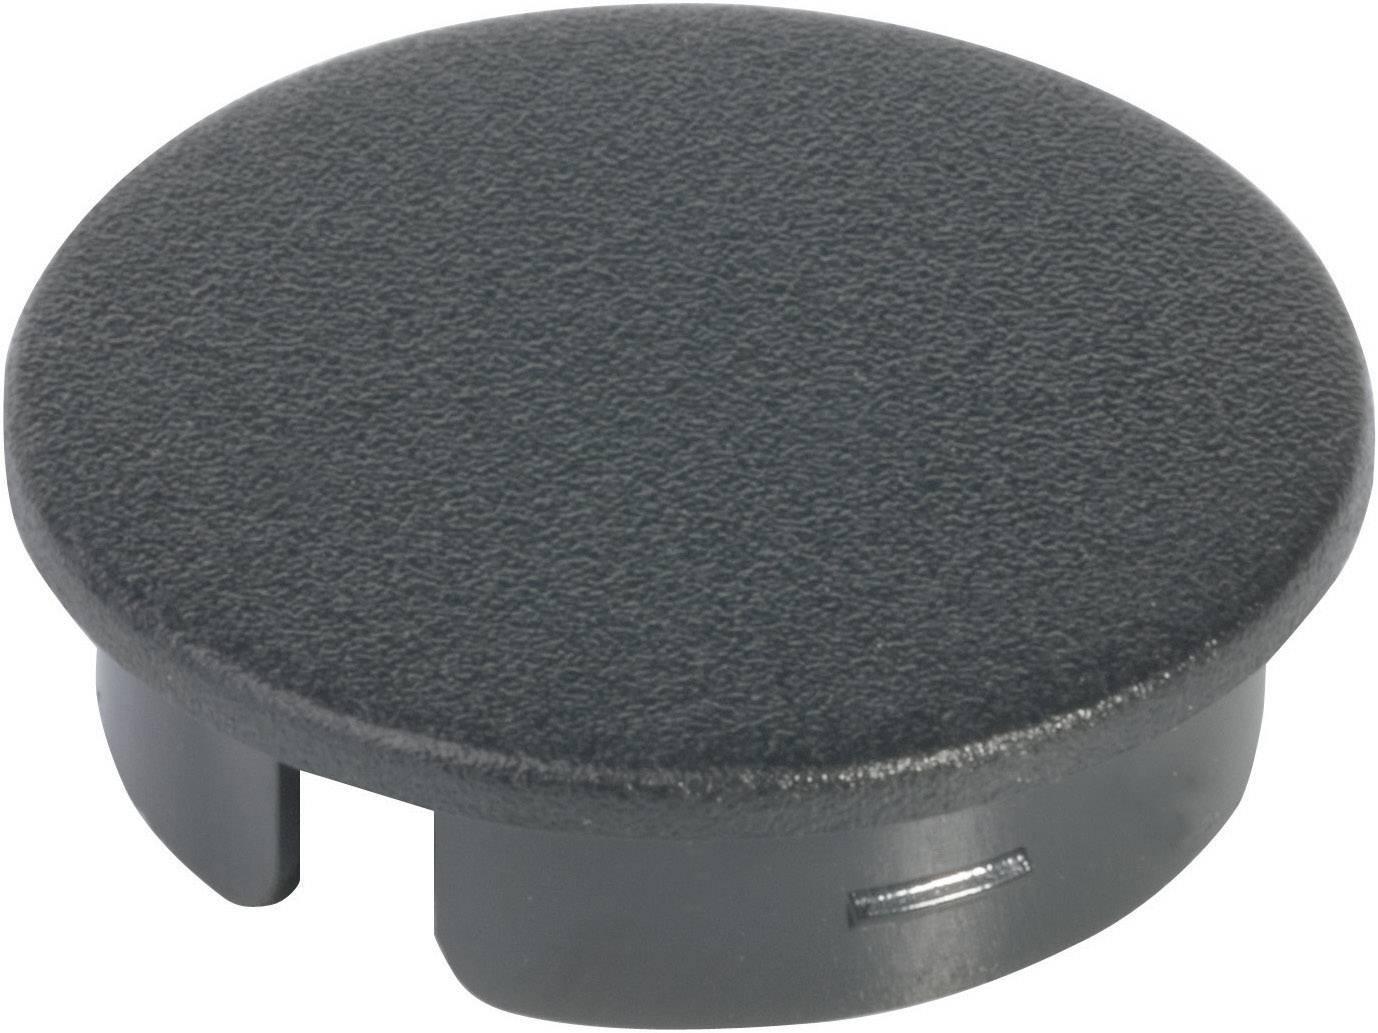 Krytka na otočný knoflík bez ukazatele OKW, pro knoflíky Ø 13,5 mm, černá